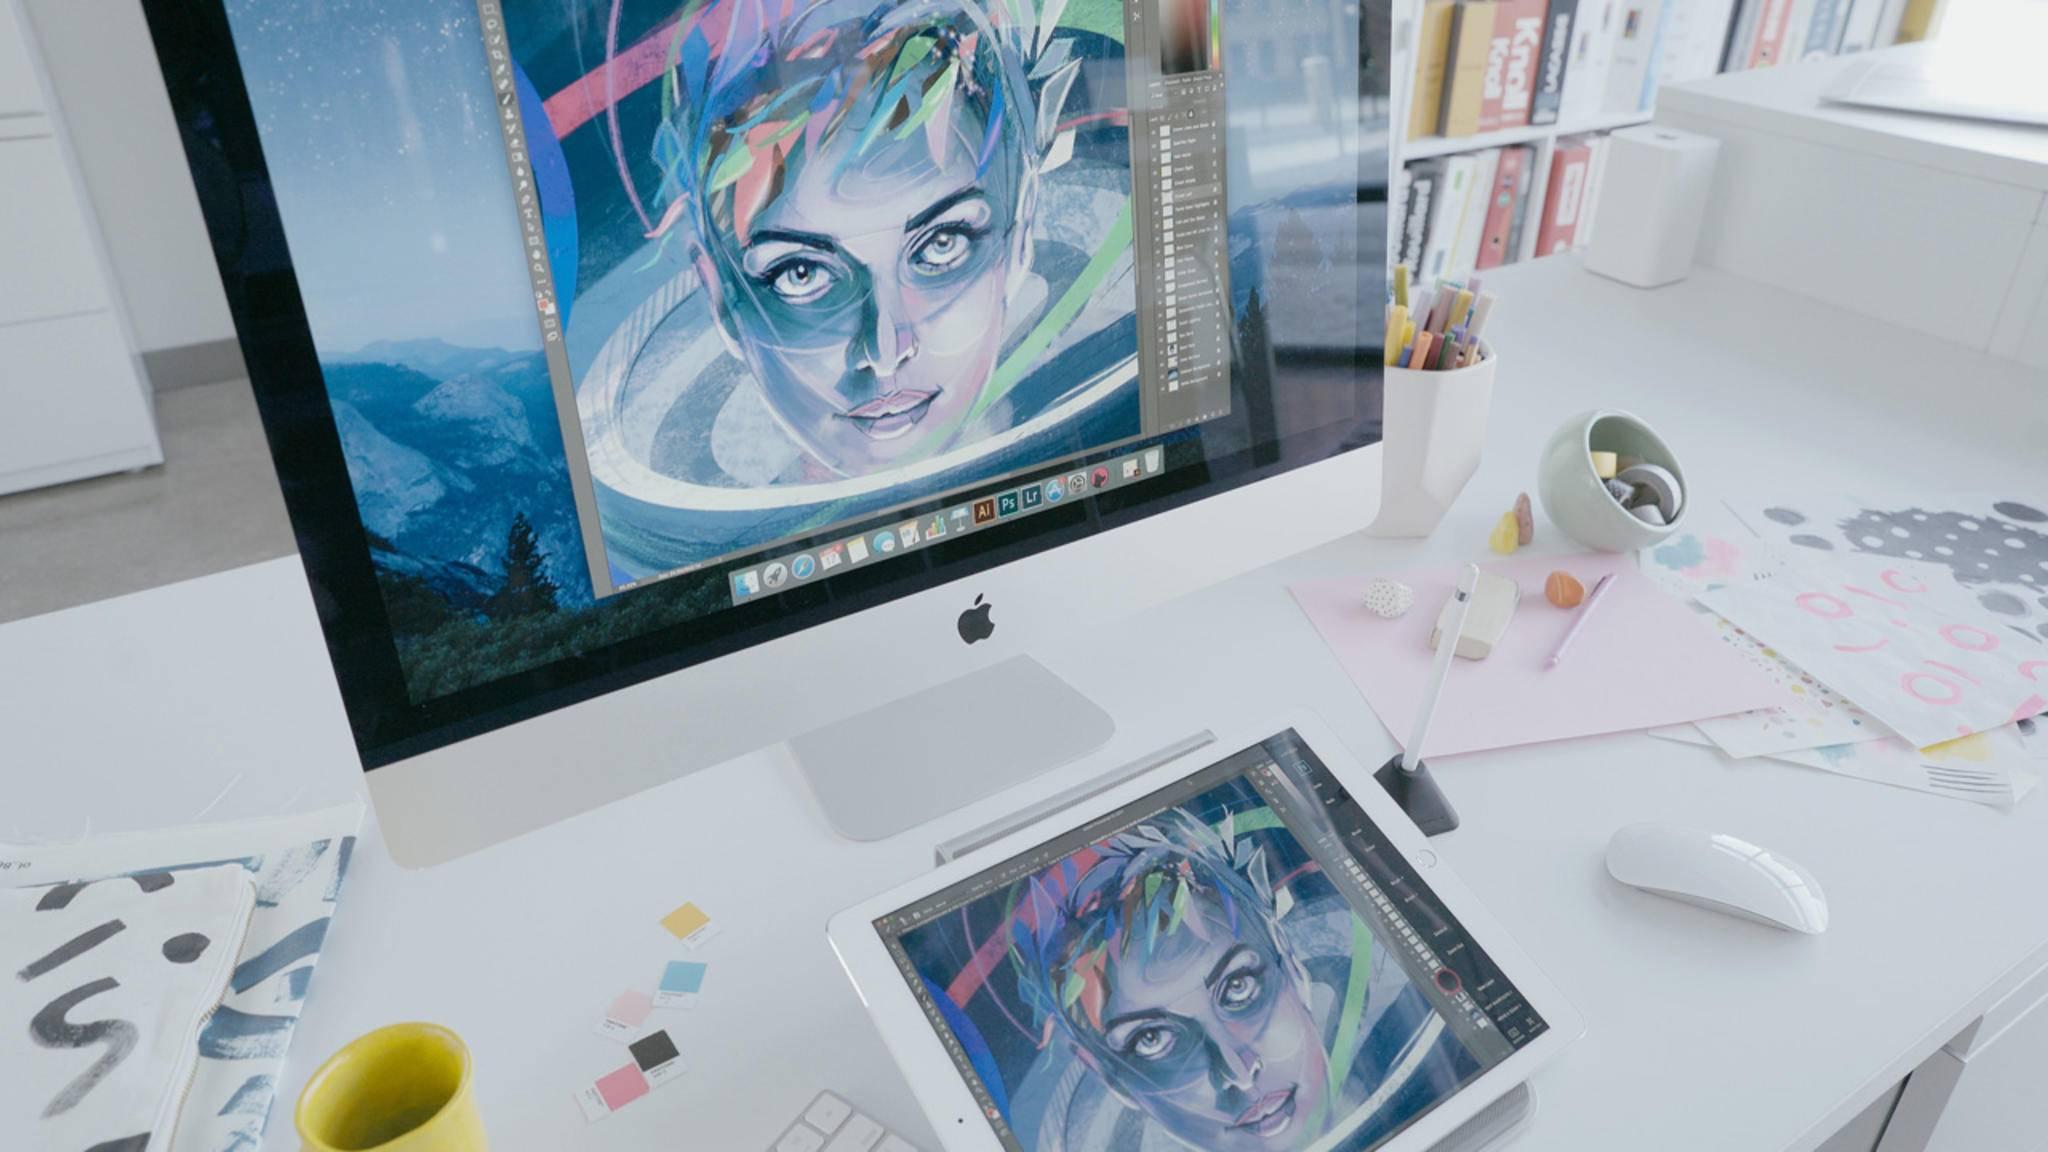 Mit Astropad Studio lässt sich das iPad zum Grafiktablet für intuitives Zeichnen am Mac umfunktionieren.